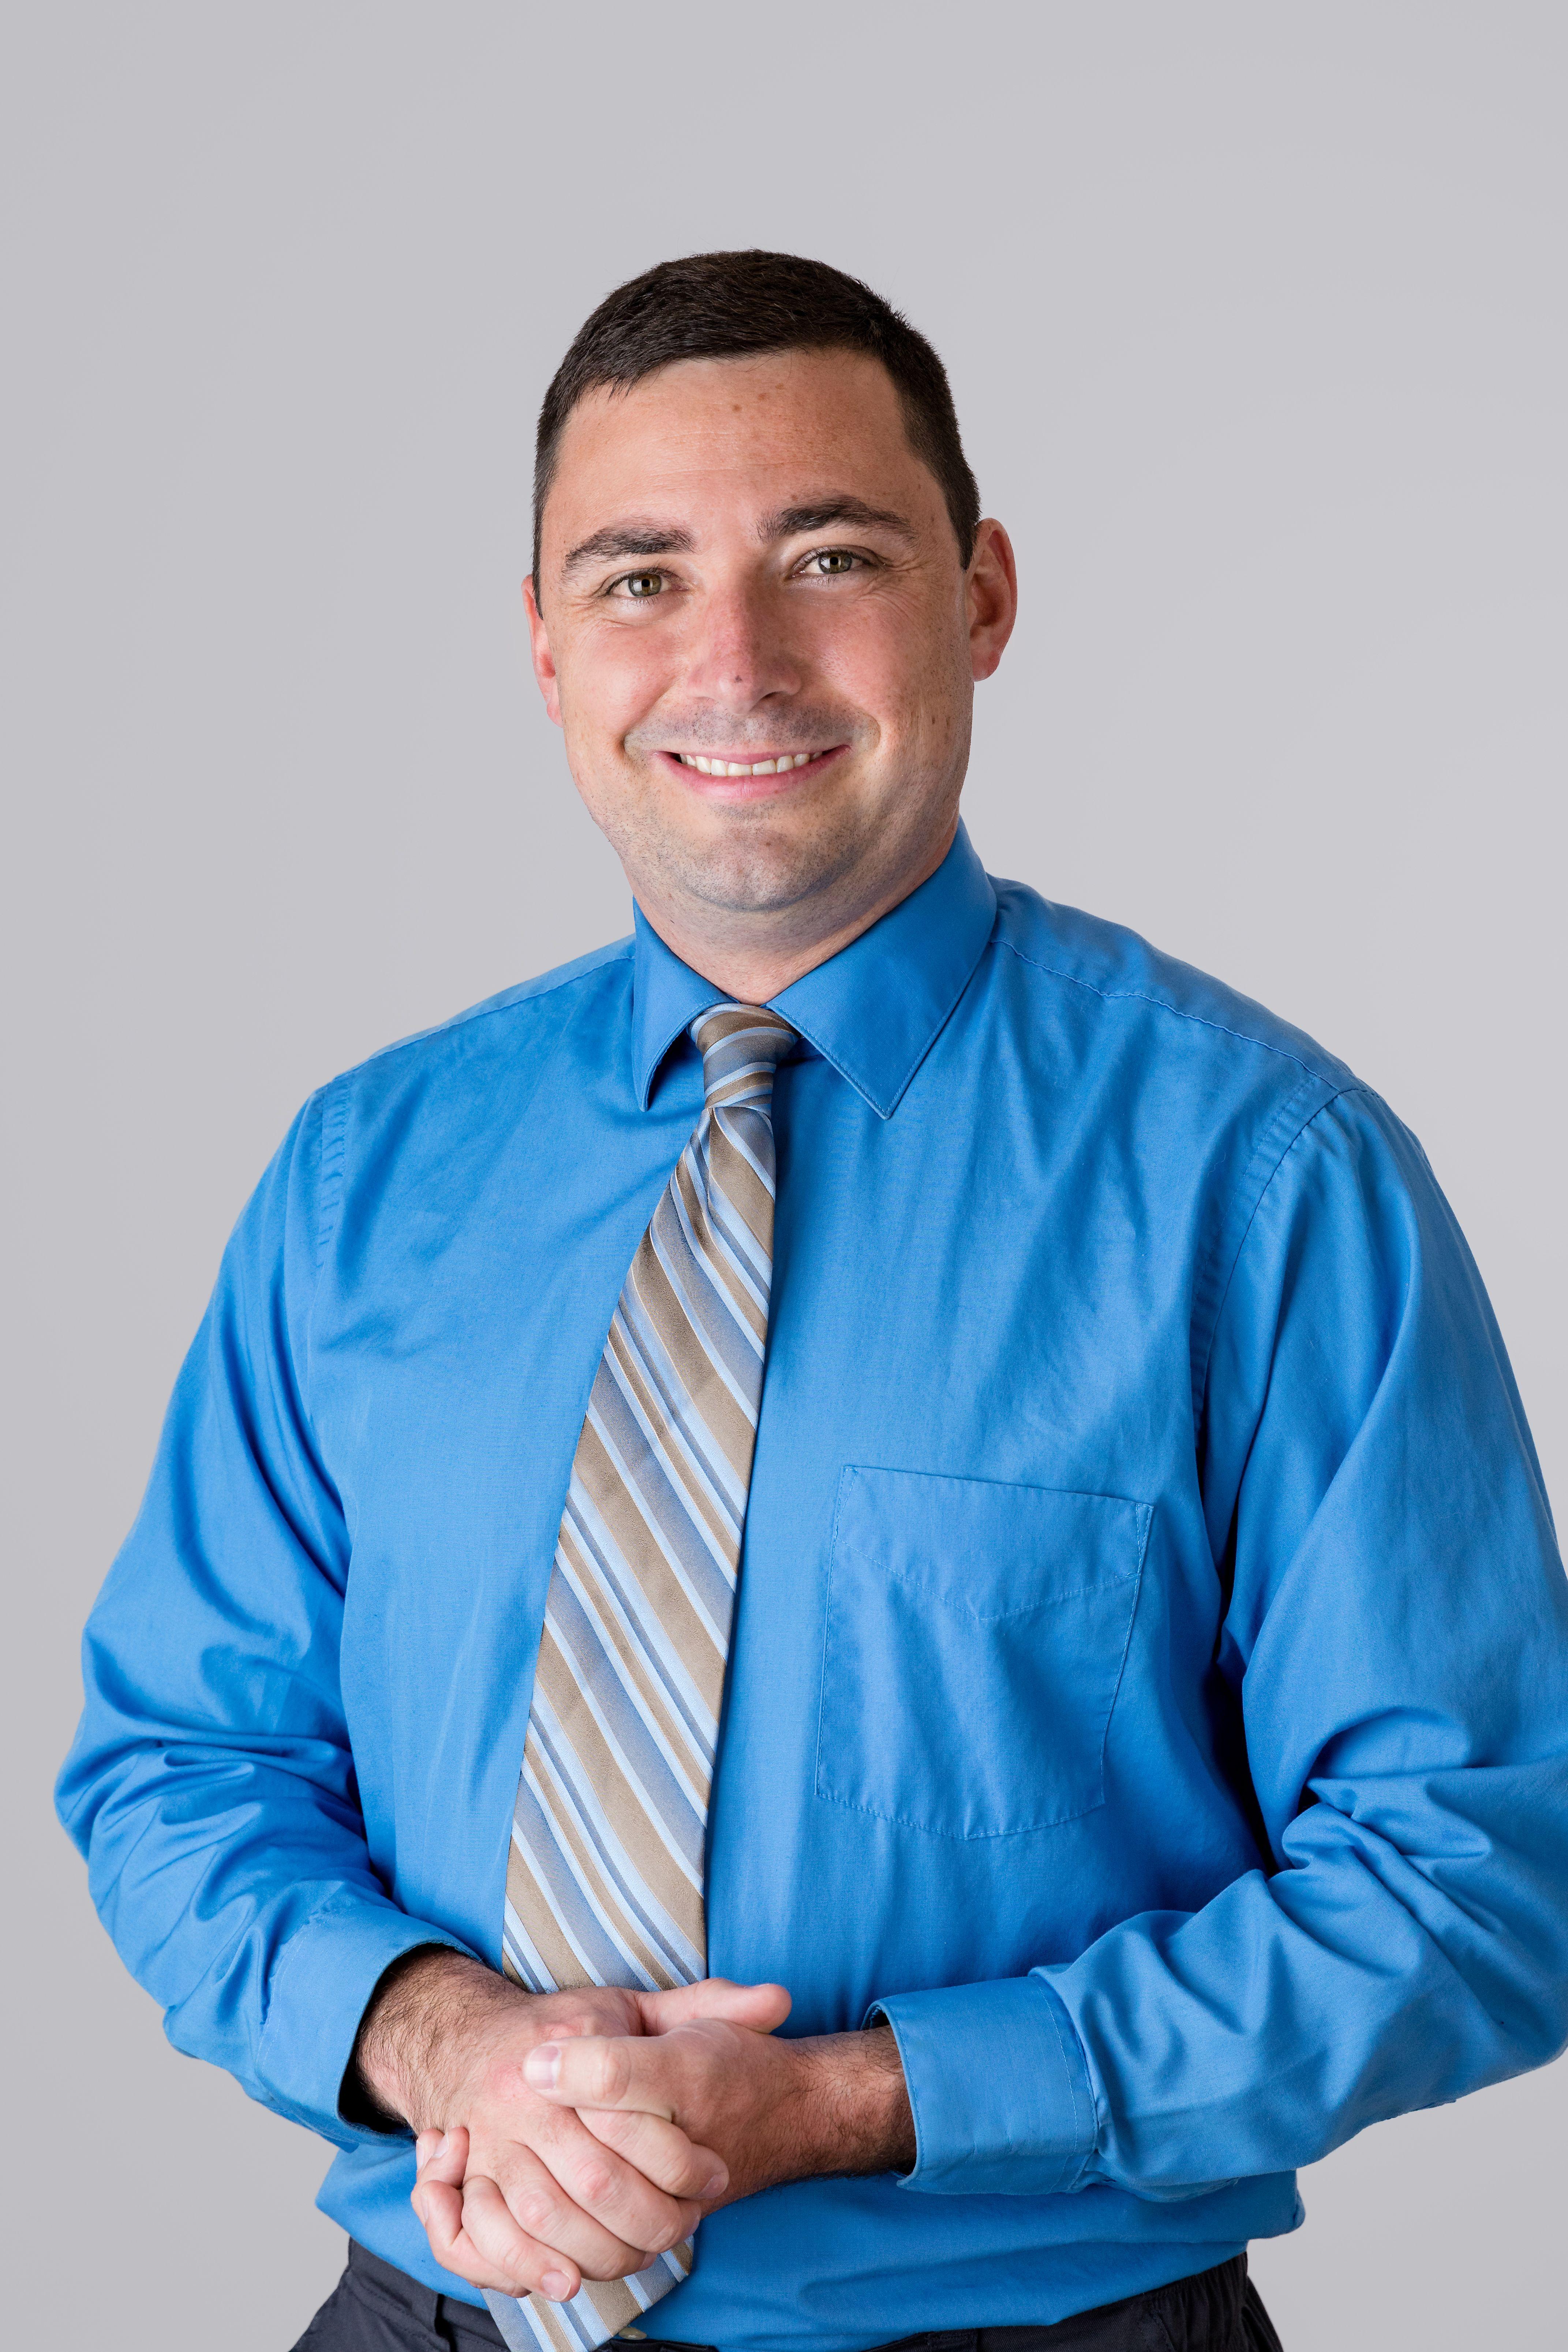 Andrew Shahan